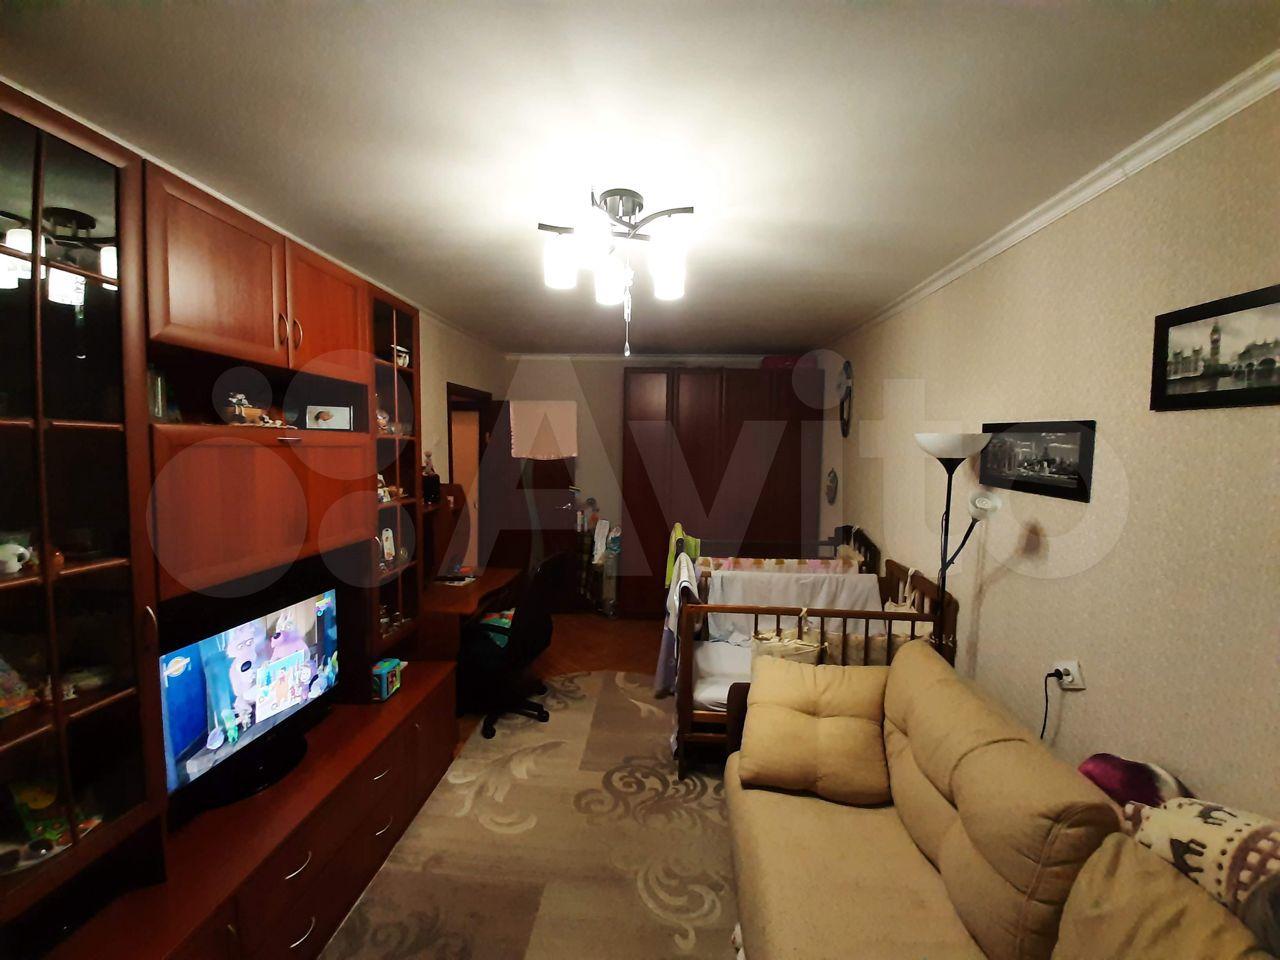 2-к квартира, 46.1 м², 6/9 эт.  89051306177 купить 3